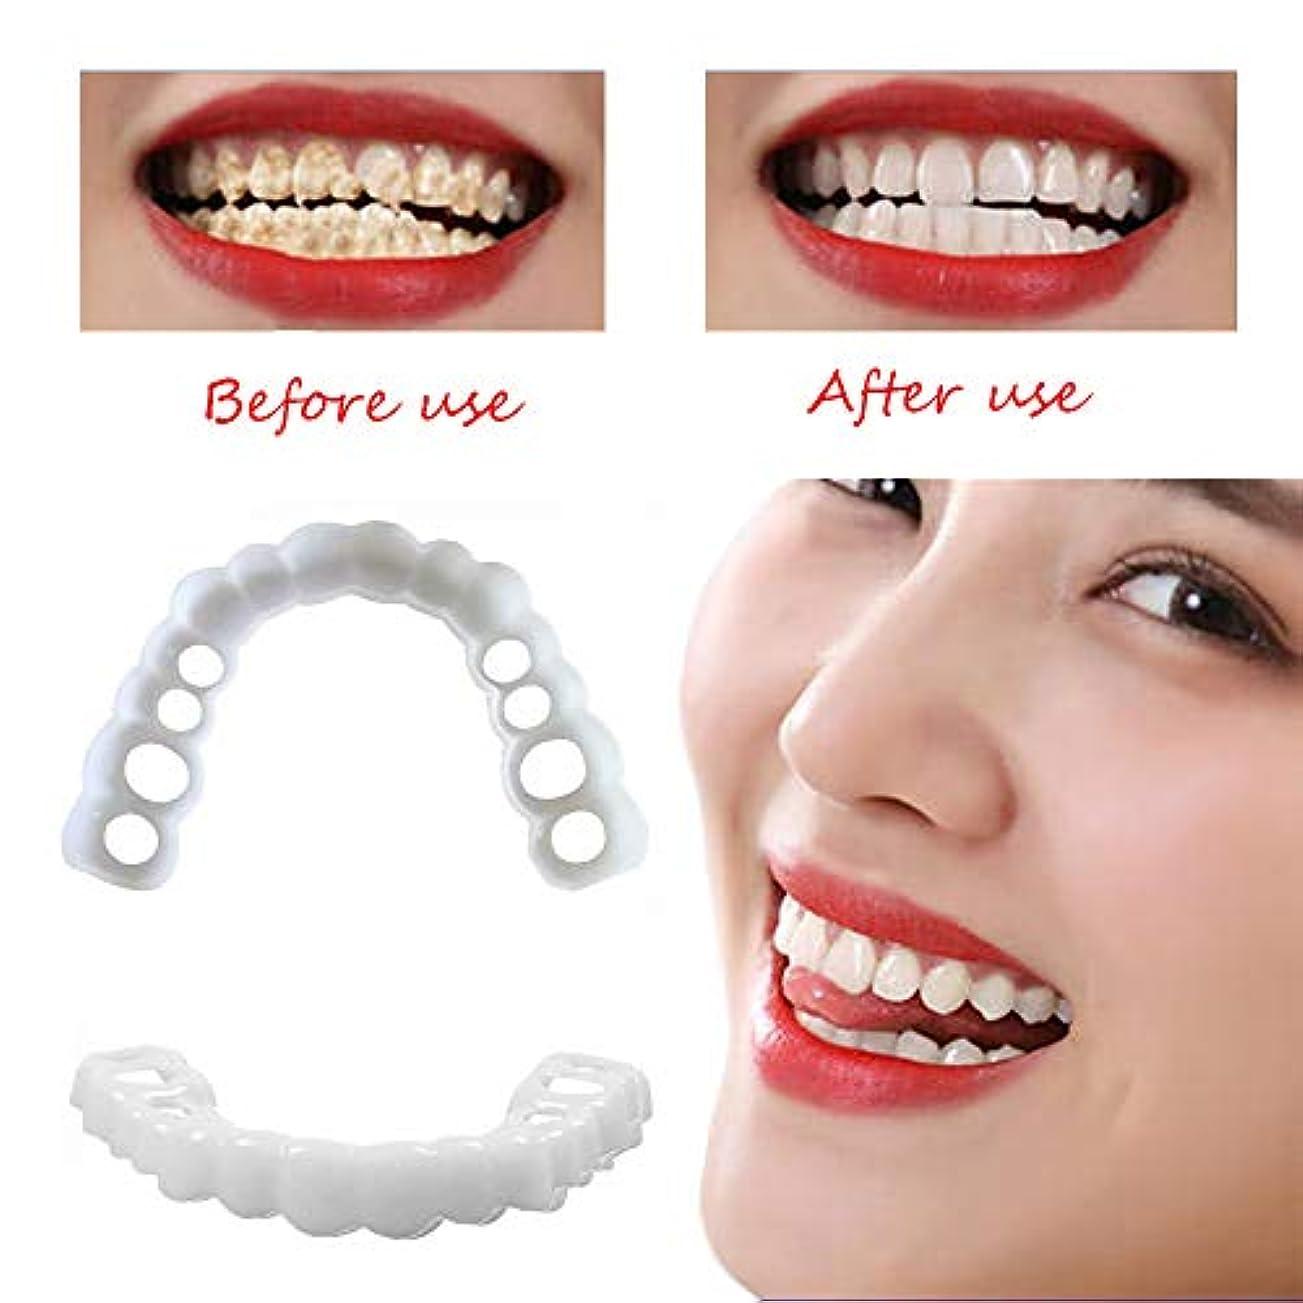 同意する独占レインコート歯の入れ歯歯の化粧品一時的な笑顔の快適フィット化粧品の歯の入れ歯(4ペア、白),10Pairs